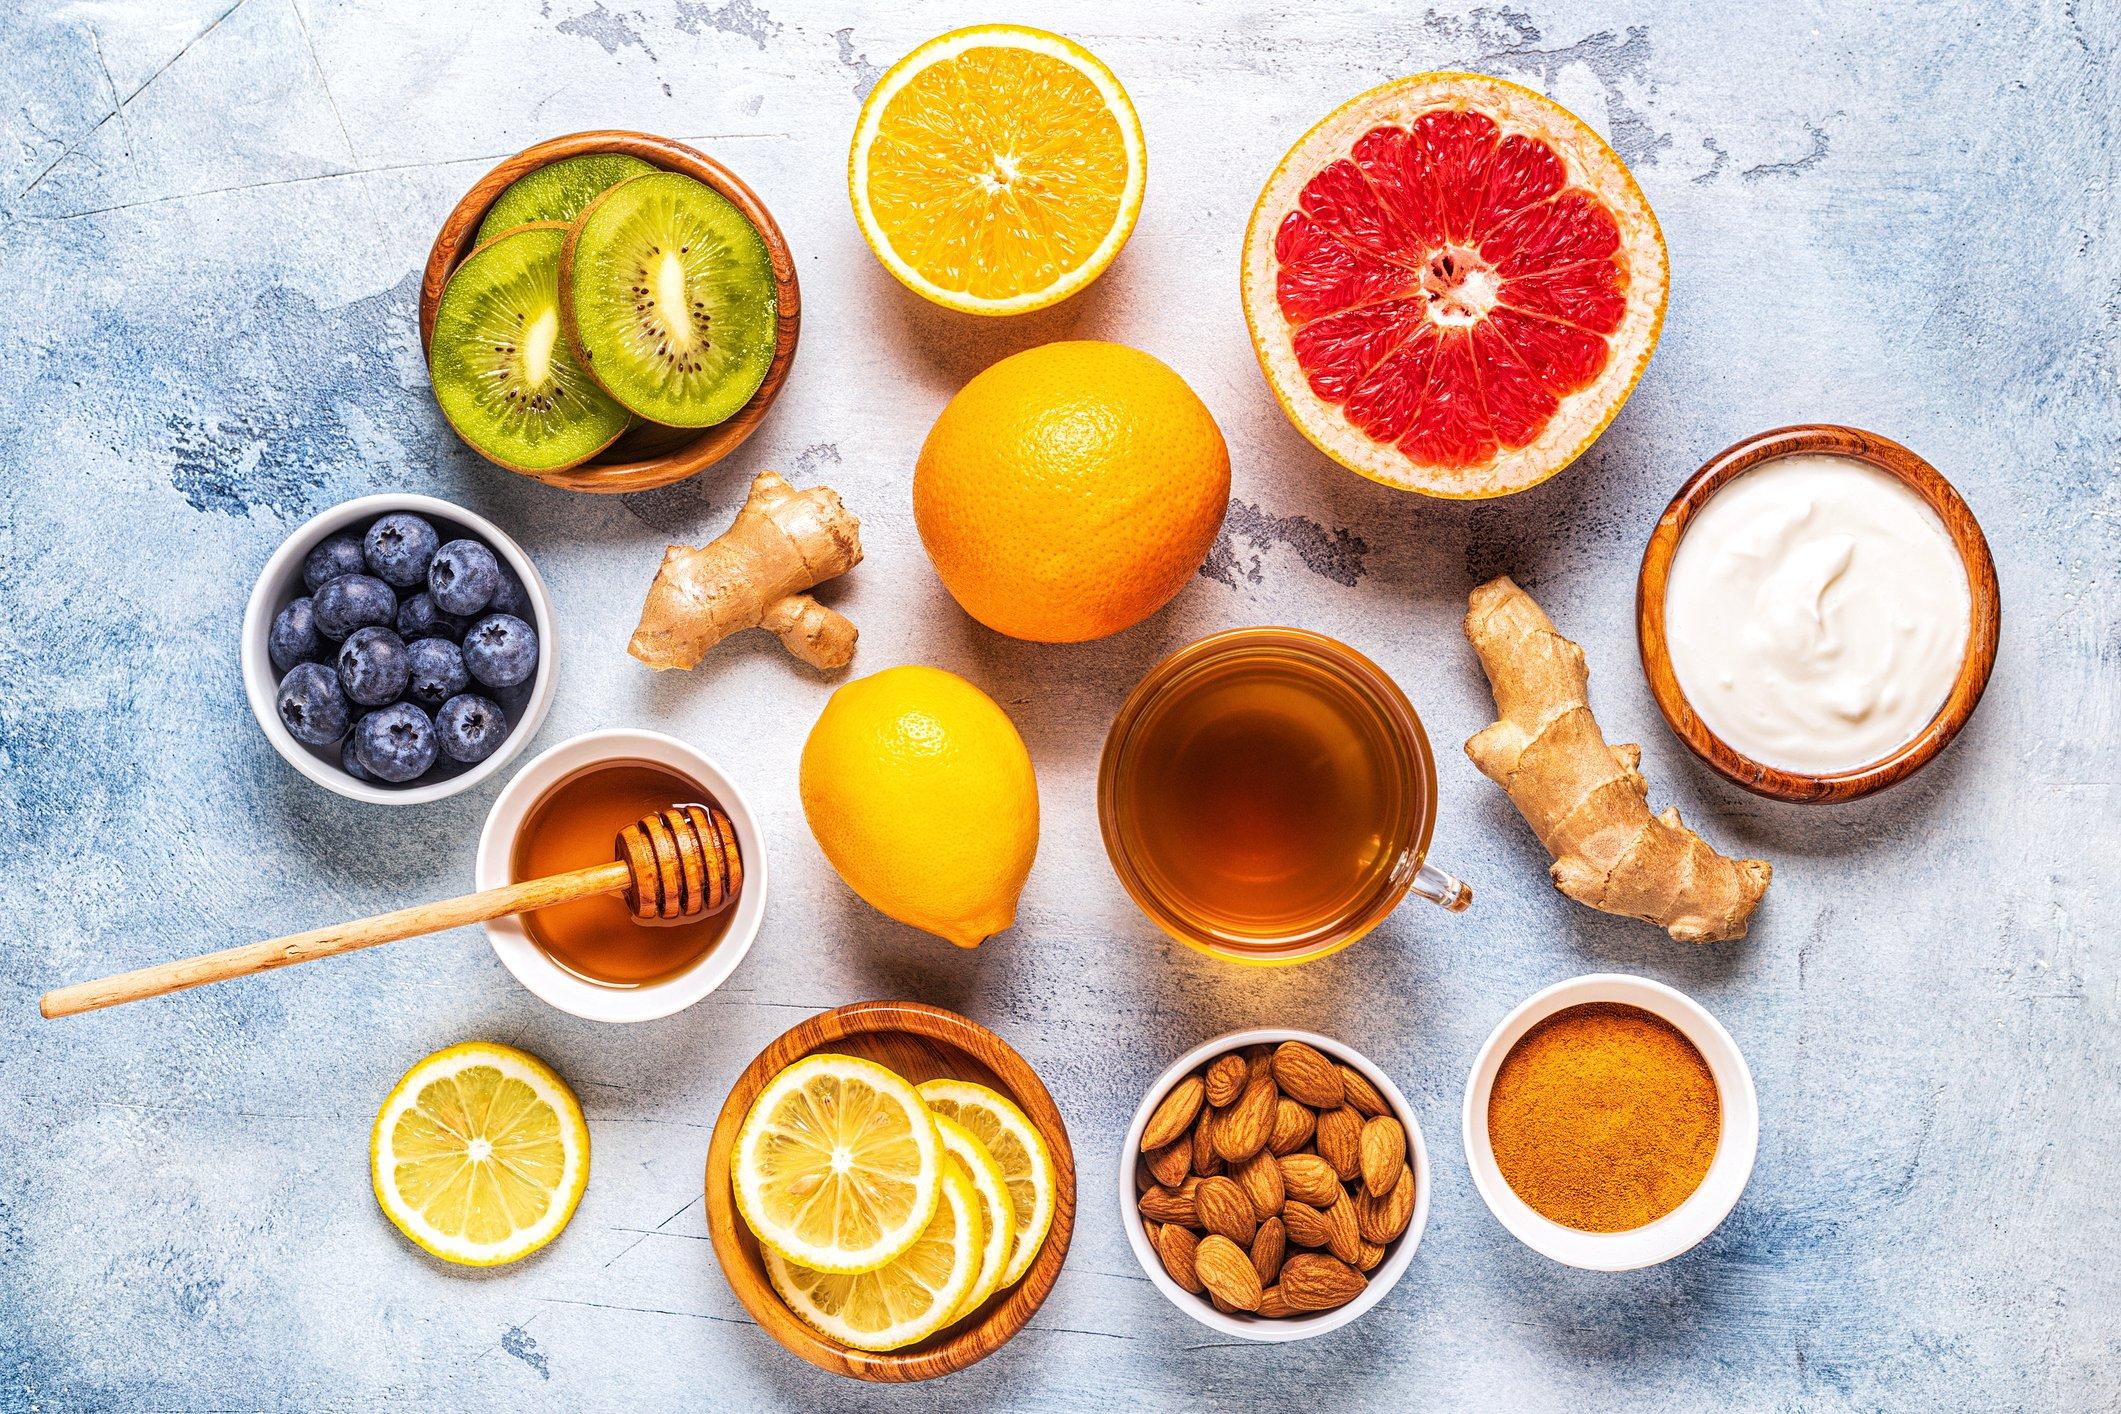 ليس فقط الليمون... مواد غذائية أهم لا بد من تناولها يومياً في عصر كورونا